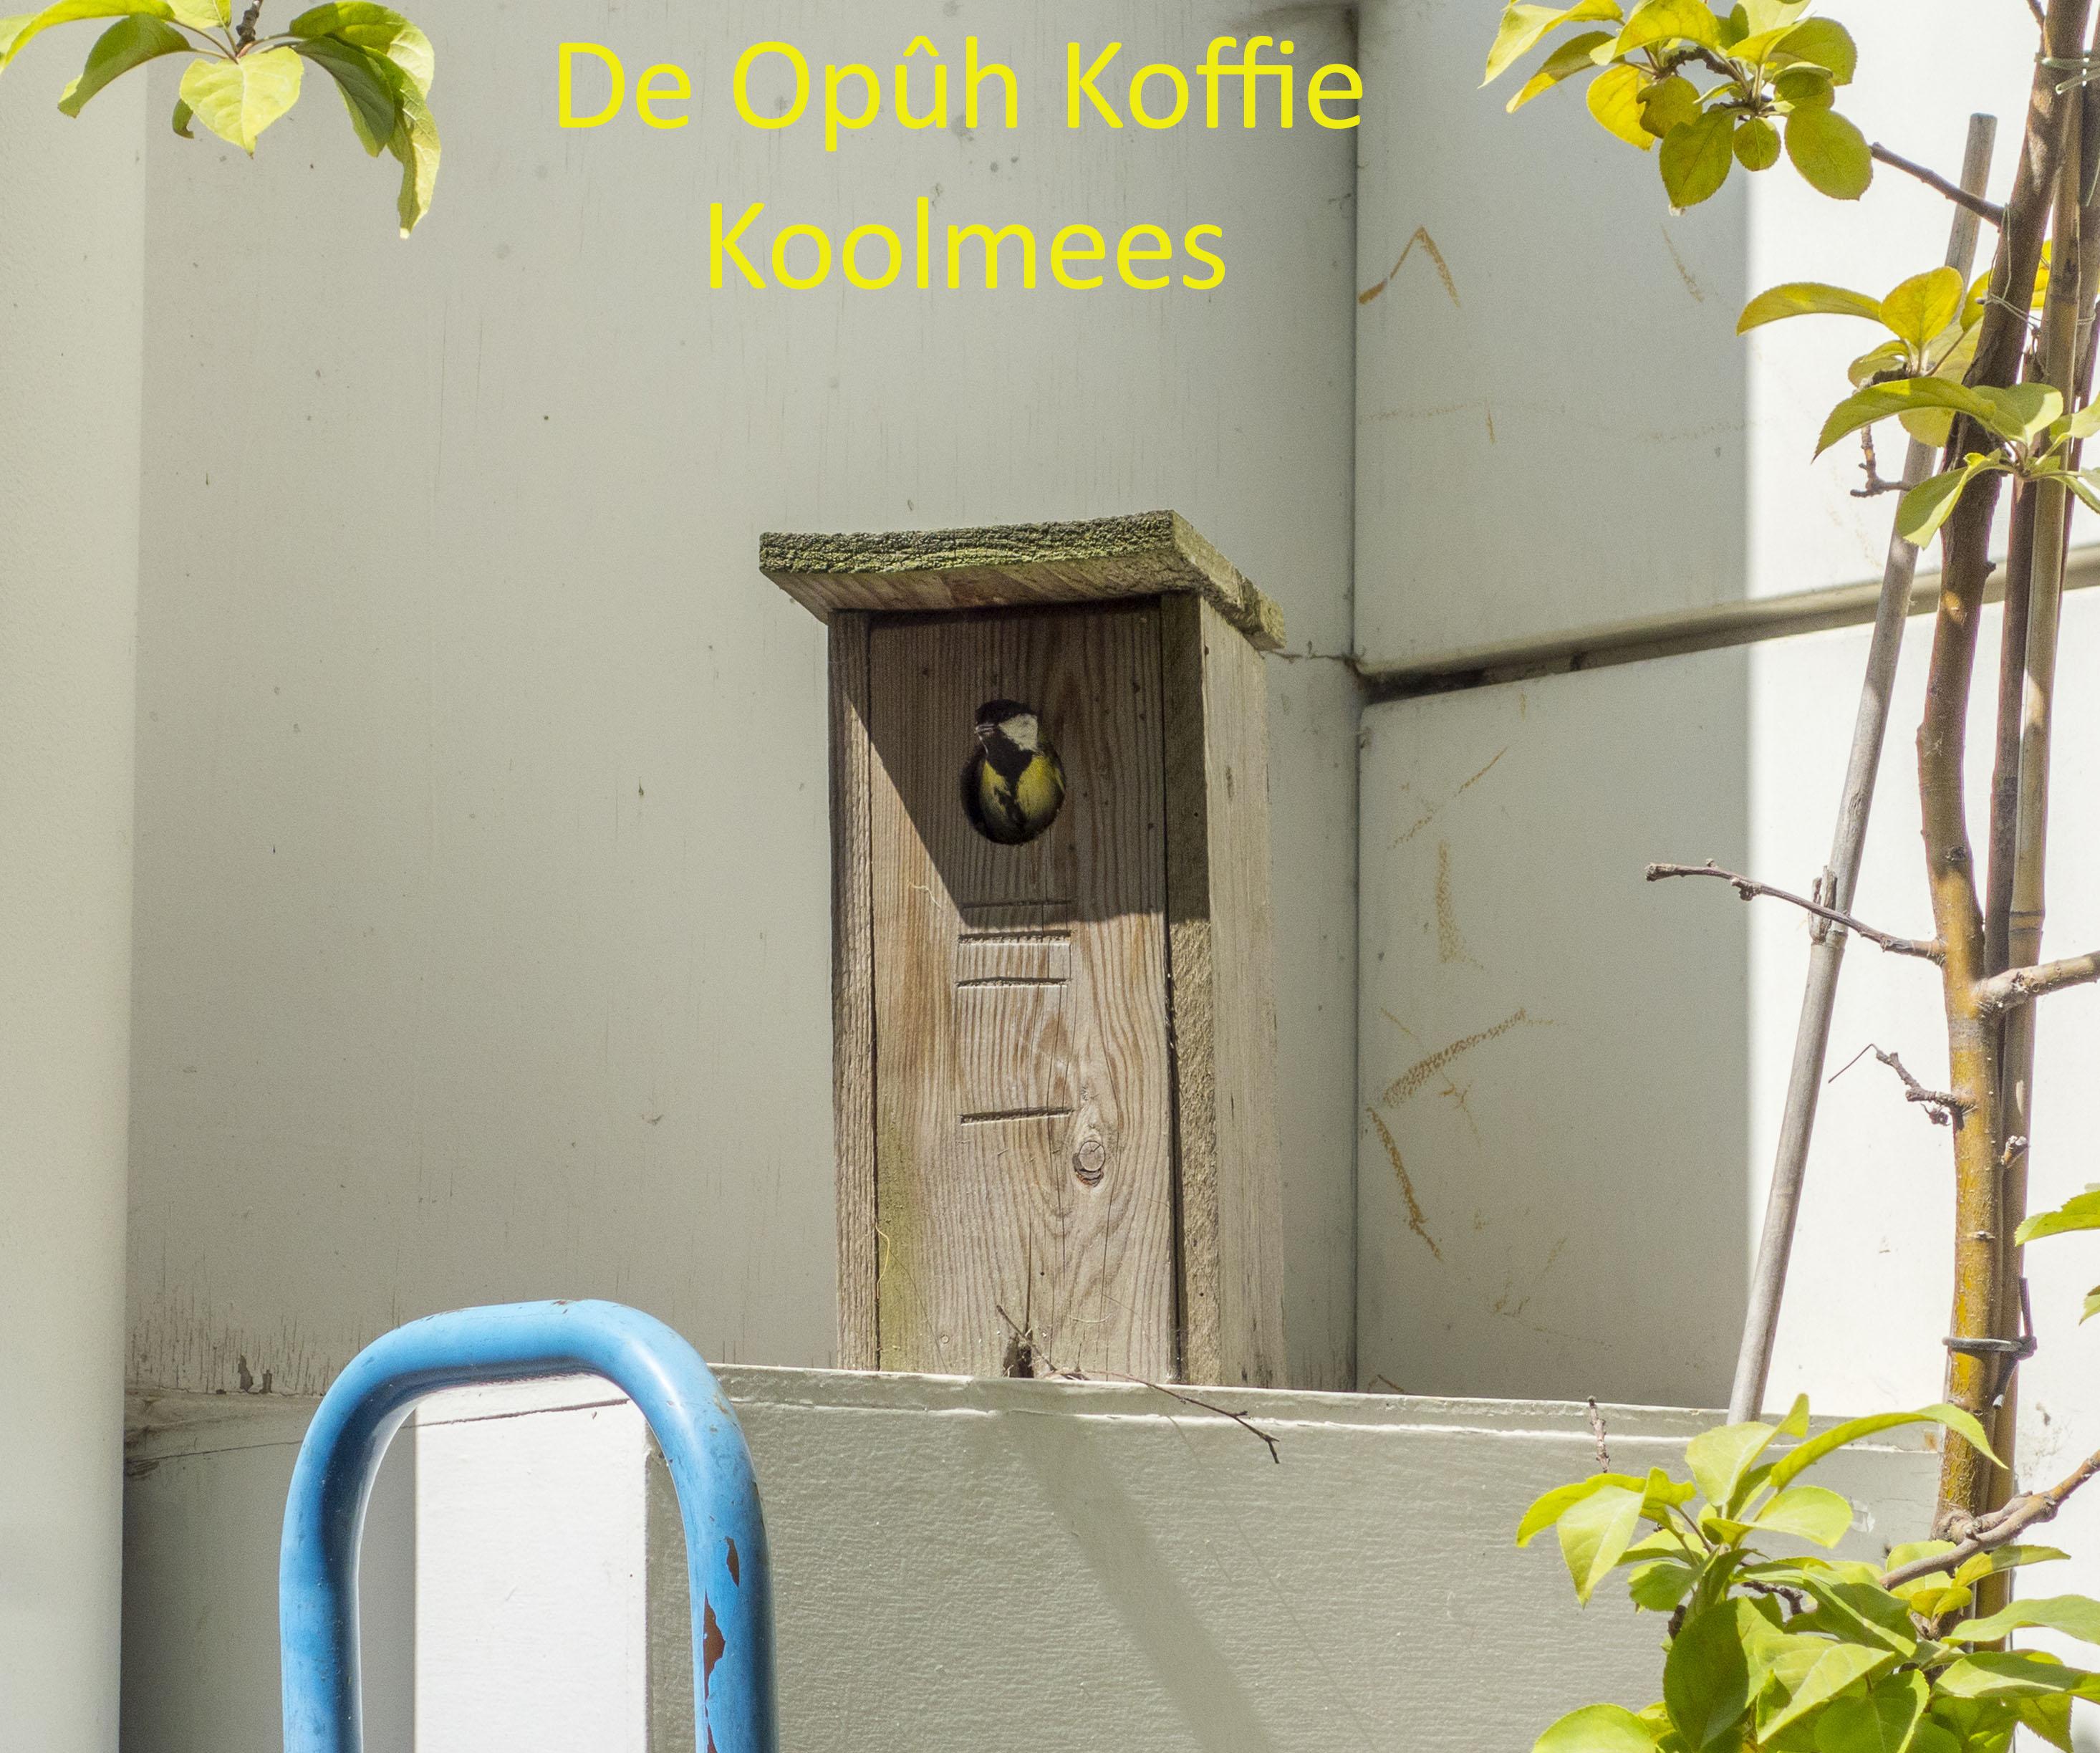 De Opûh Koffie Koolmees